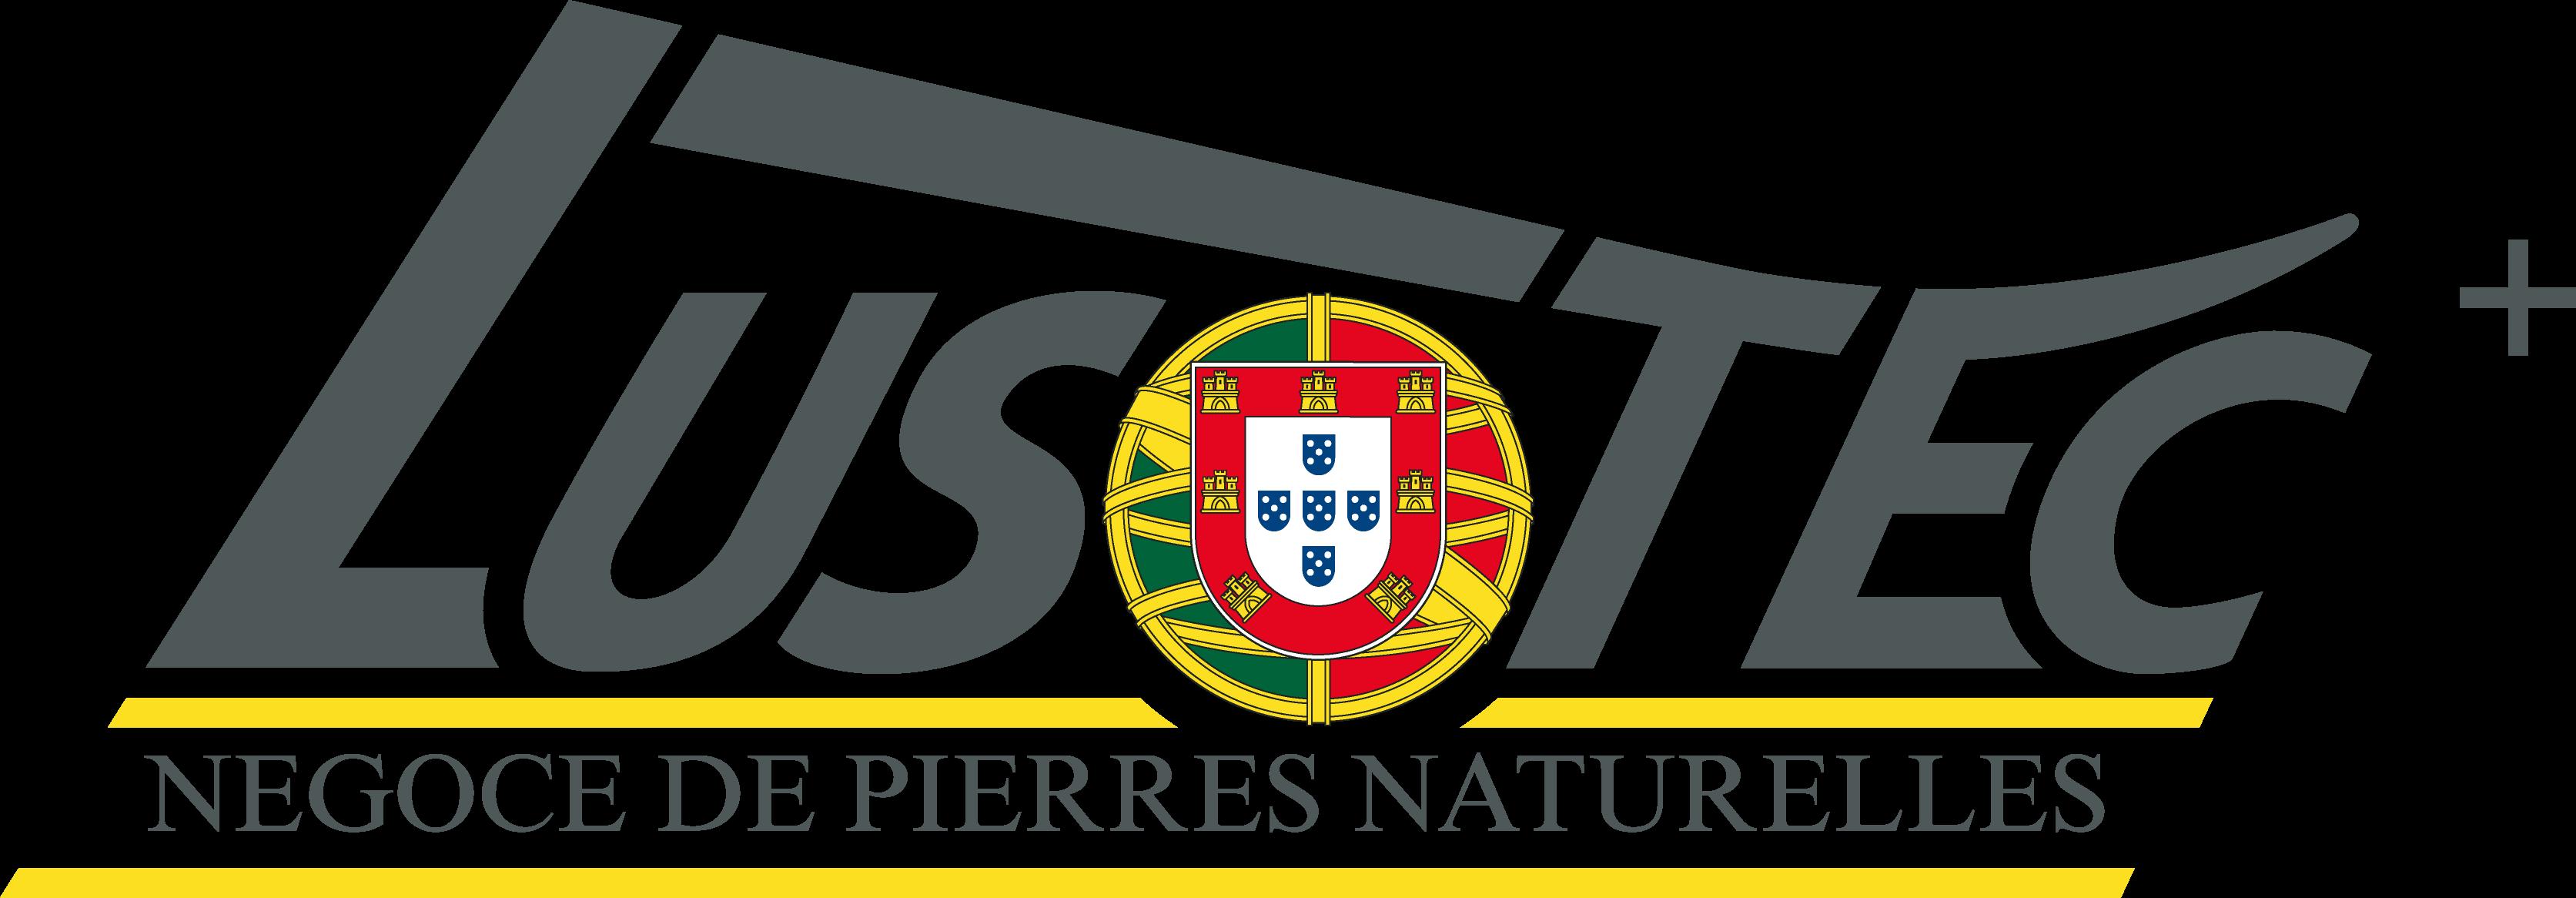 logo-lusotec